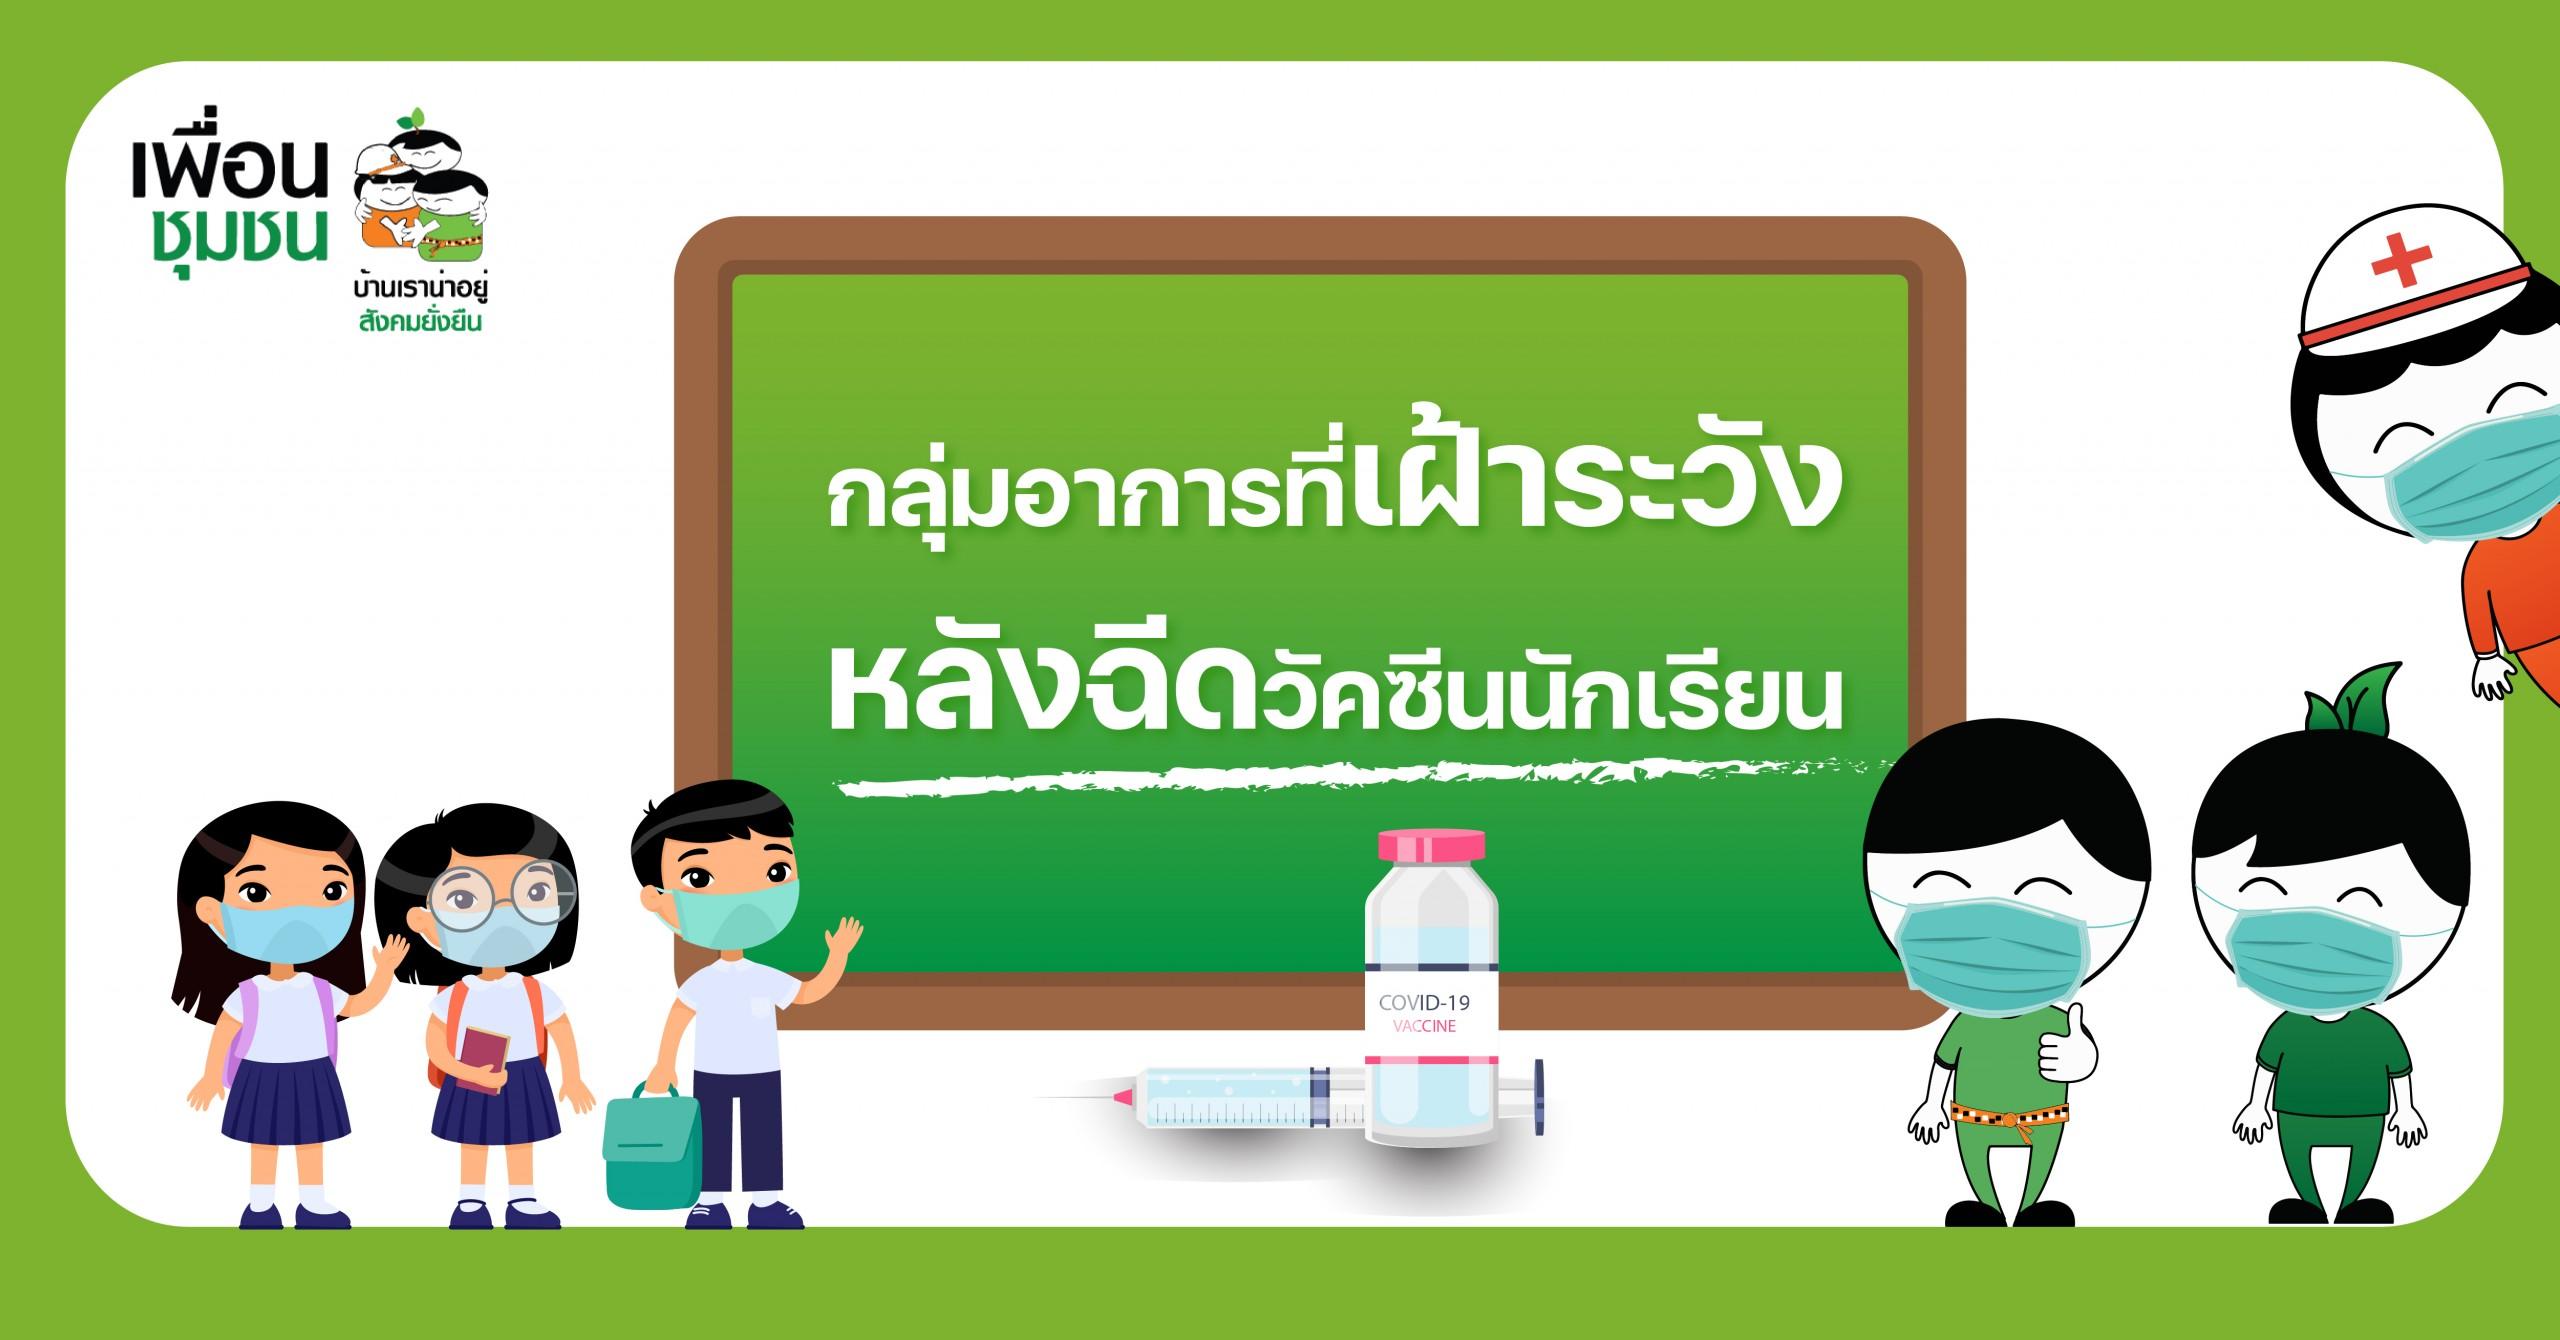 อาการที่ต้องเฝ้าระวังหลังฉีดวัคซีนนักเรียน